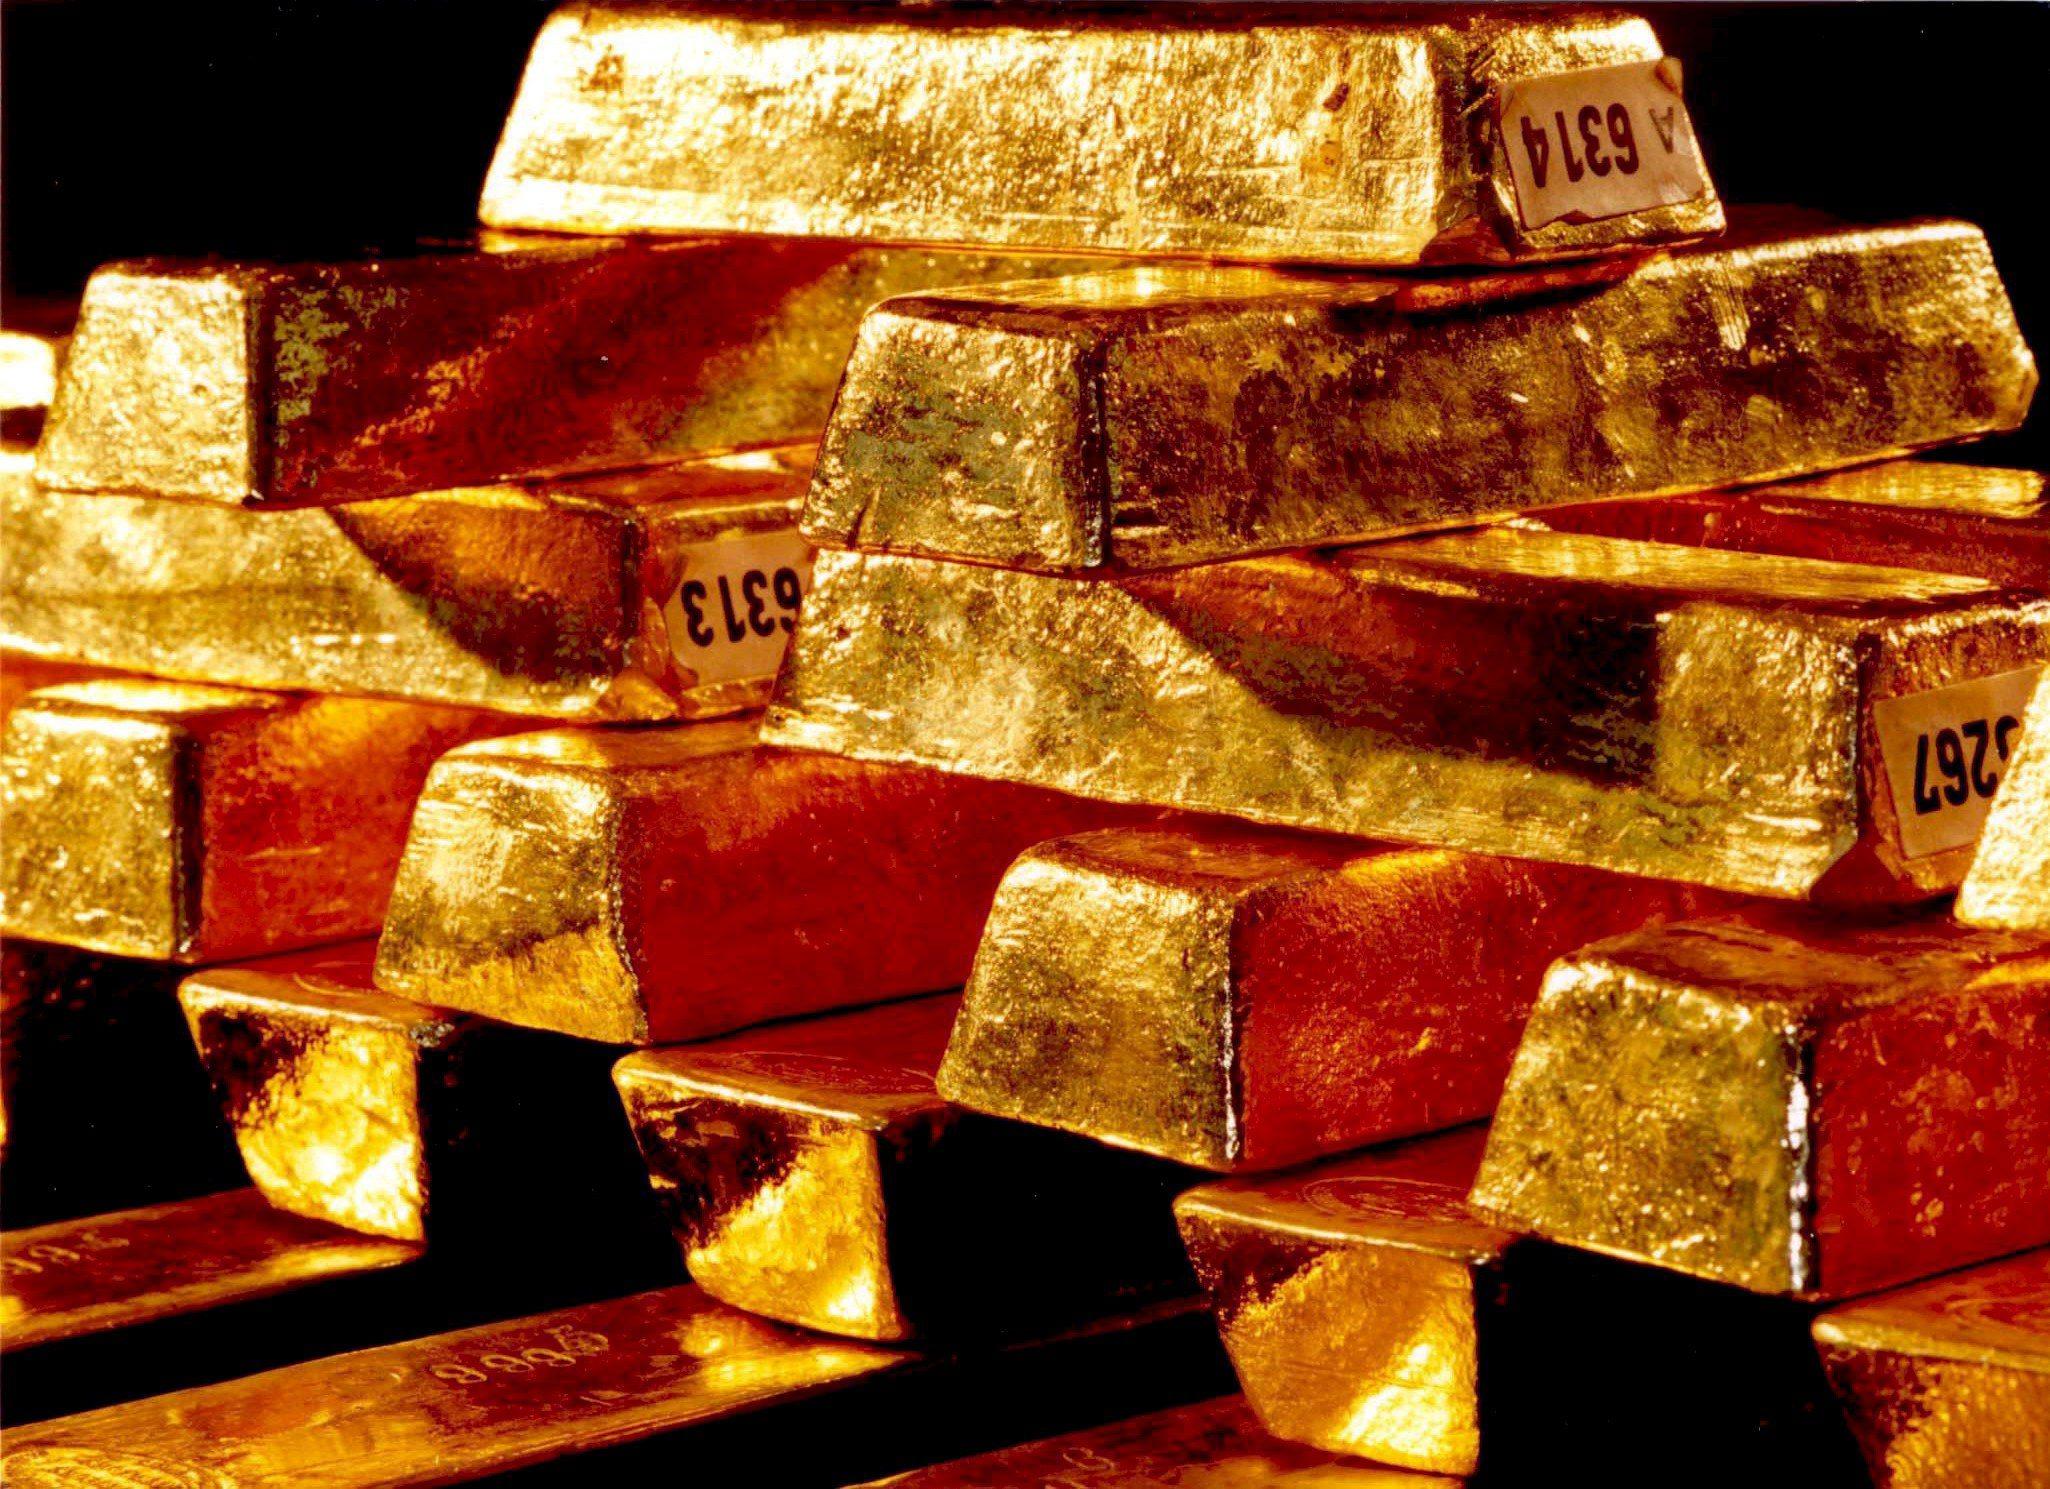 Suspeito de fraude com barras de ouro adulteradas na China fugiu para Portugal